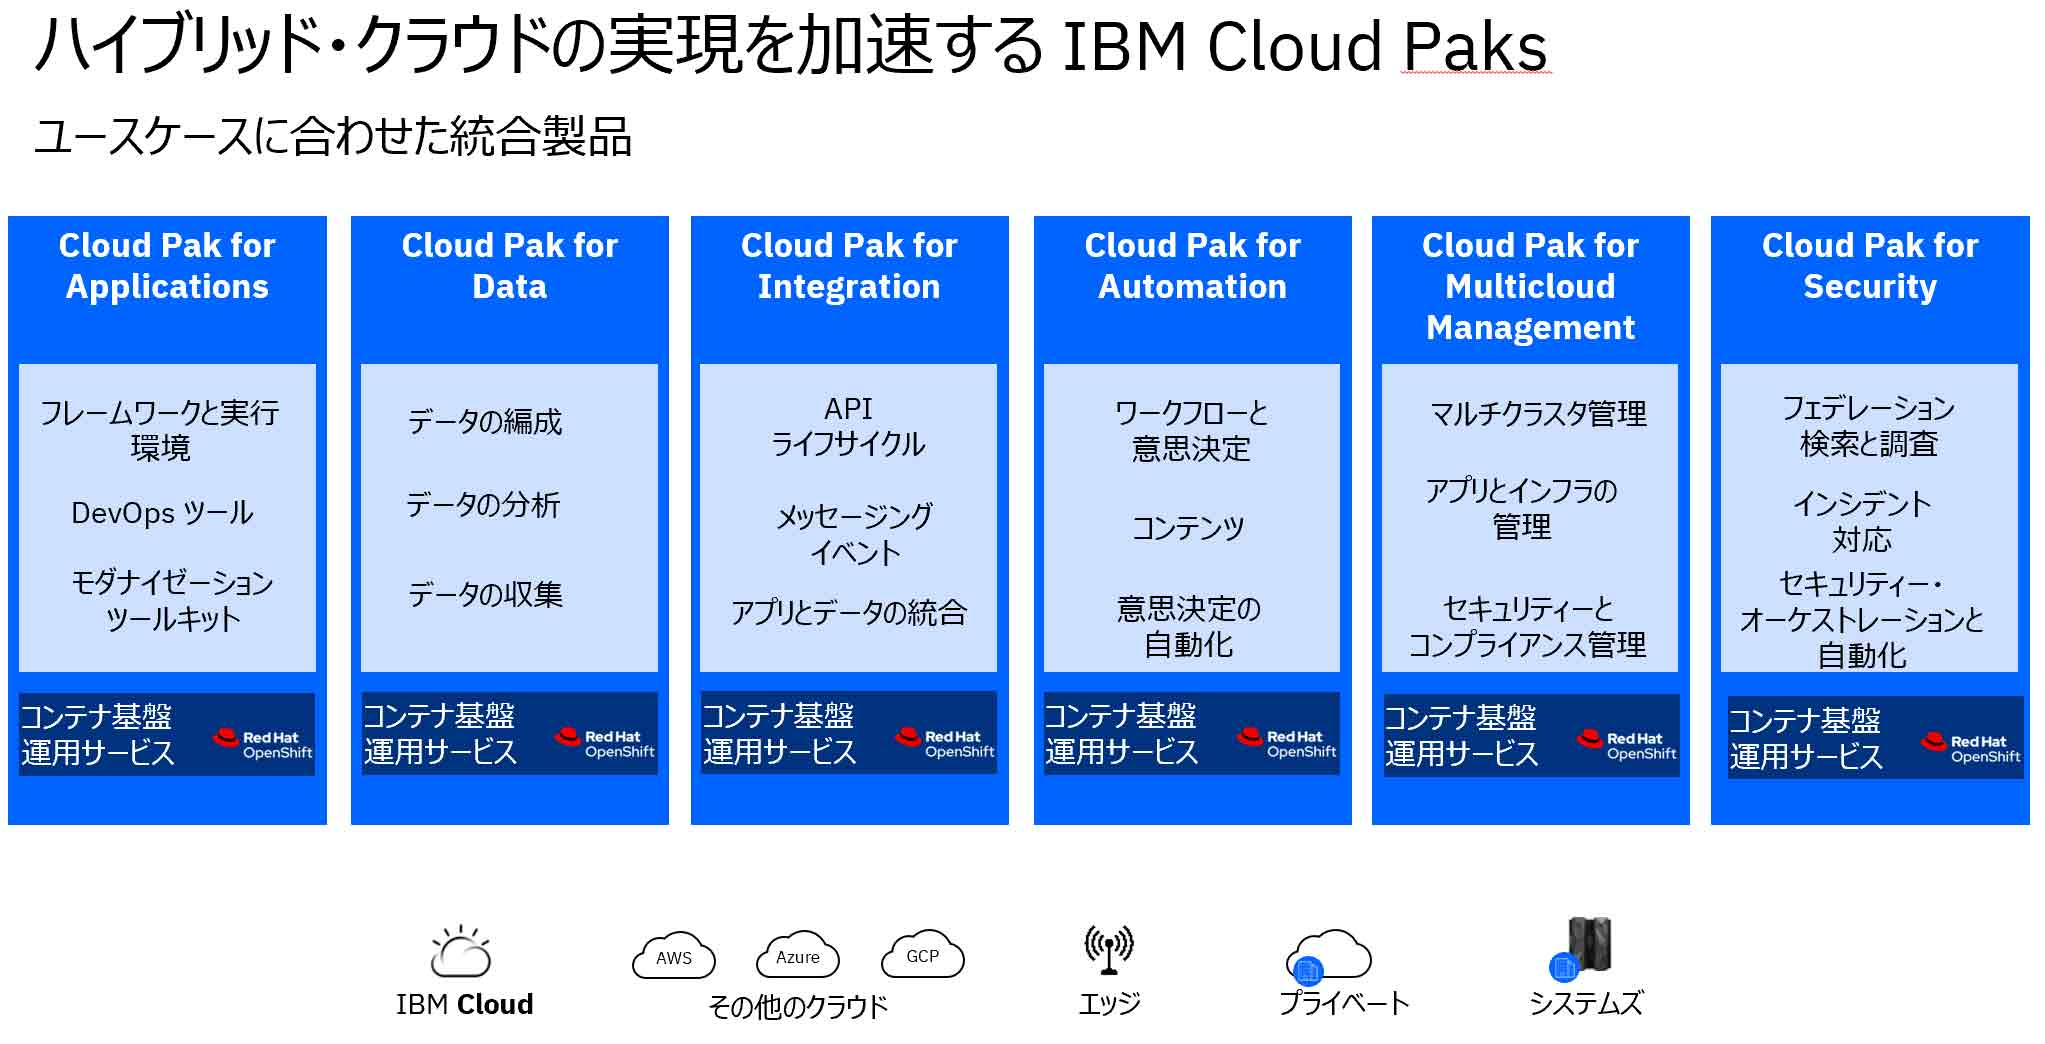 ハイブリッド・クラウドの実現を加速する IBM Cloud Paks